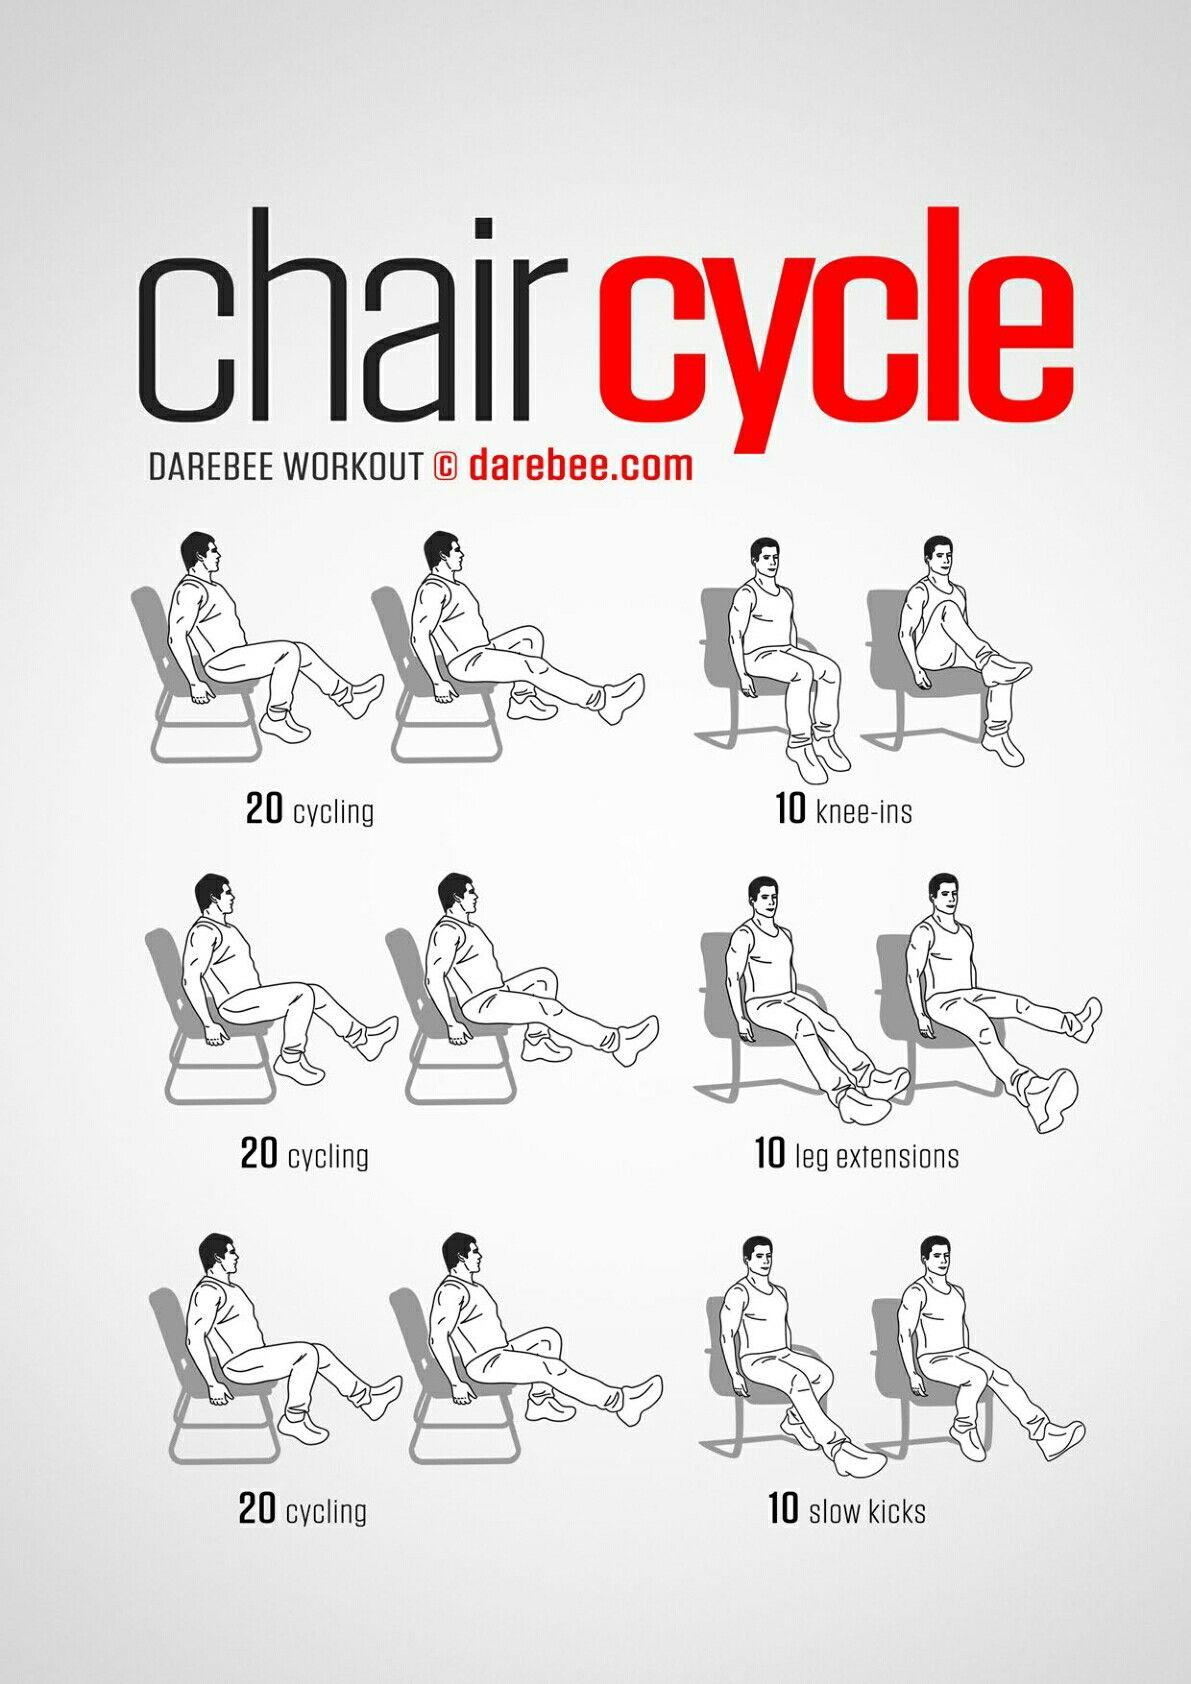 chair cycle office workout exercice musculation abdos exercice de bureau seances d